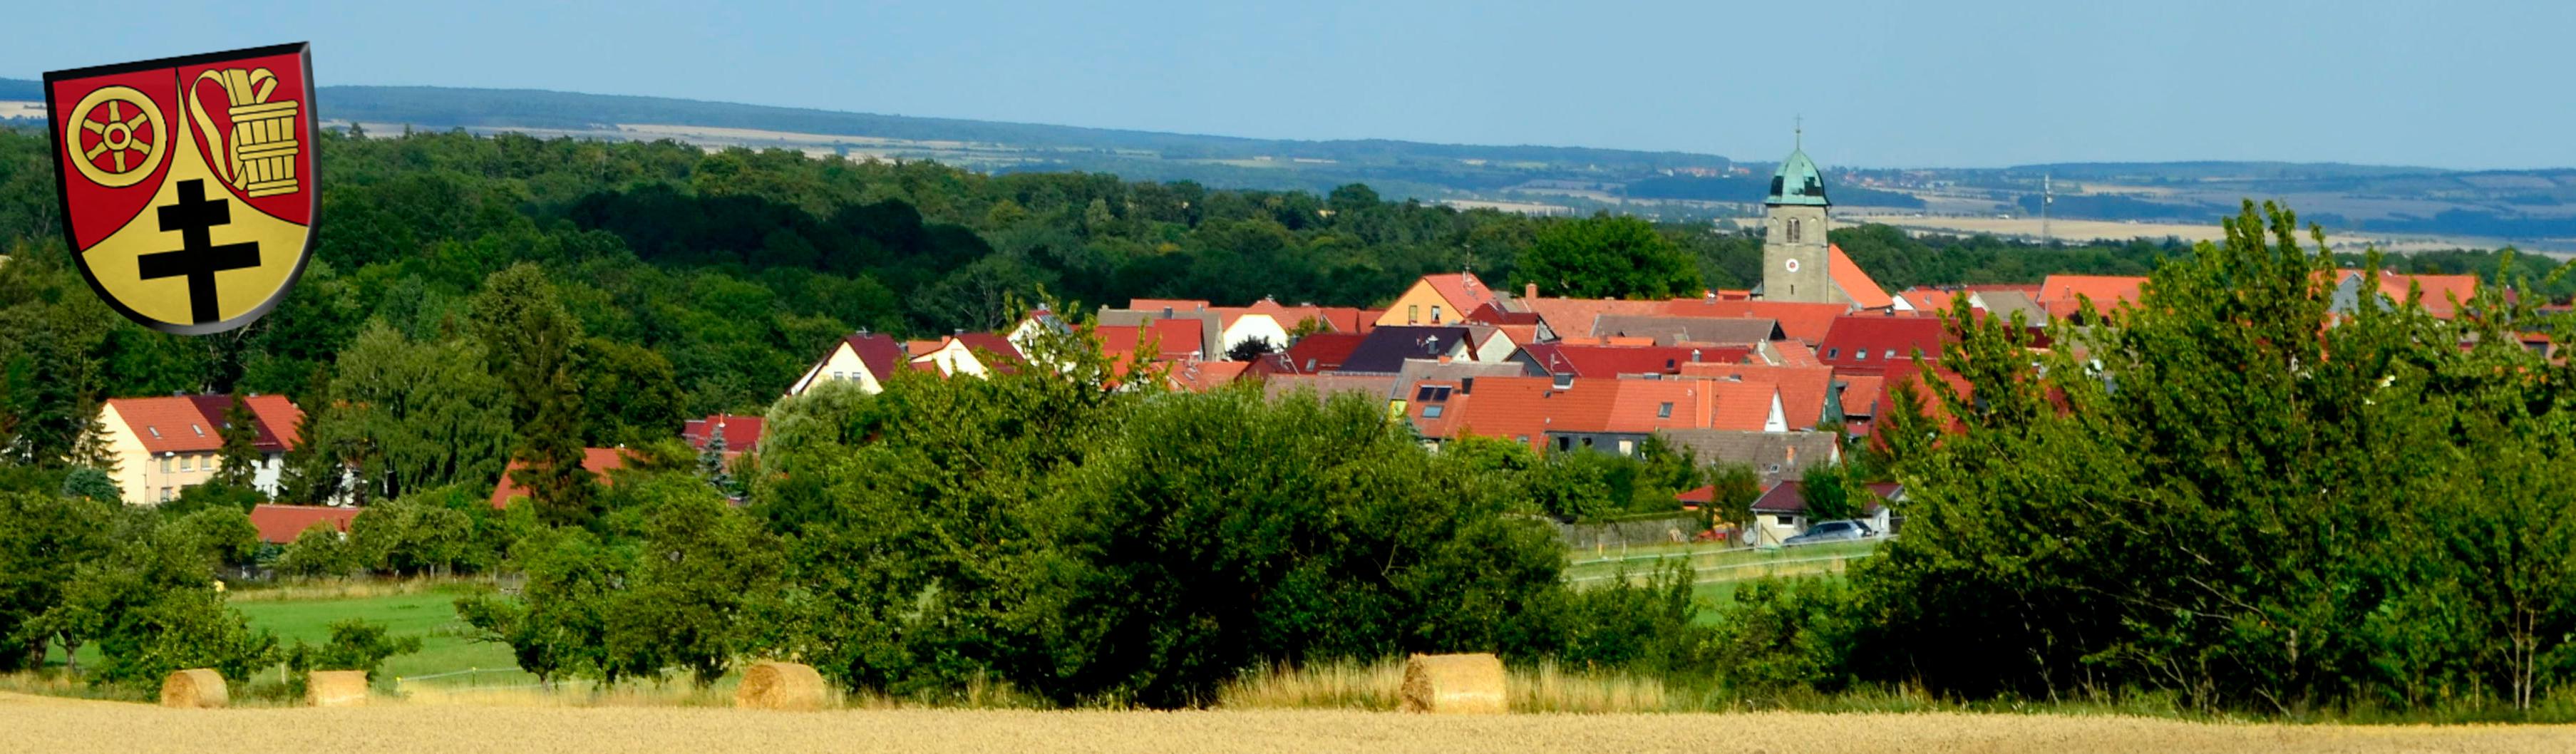 Büttstedt